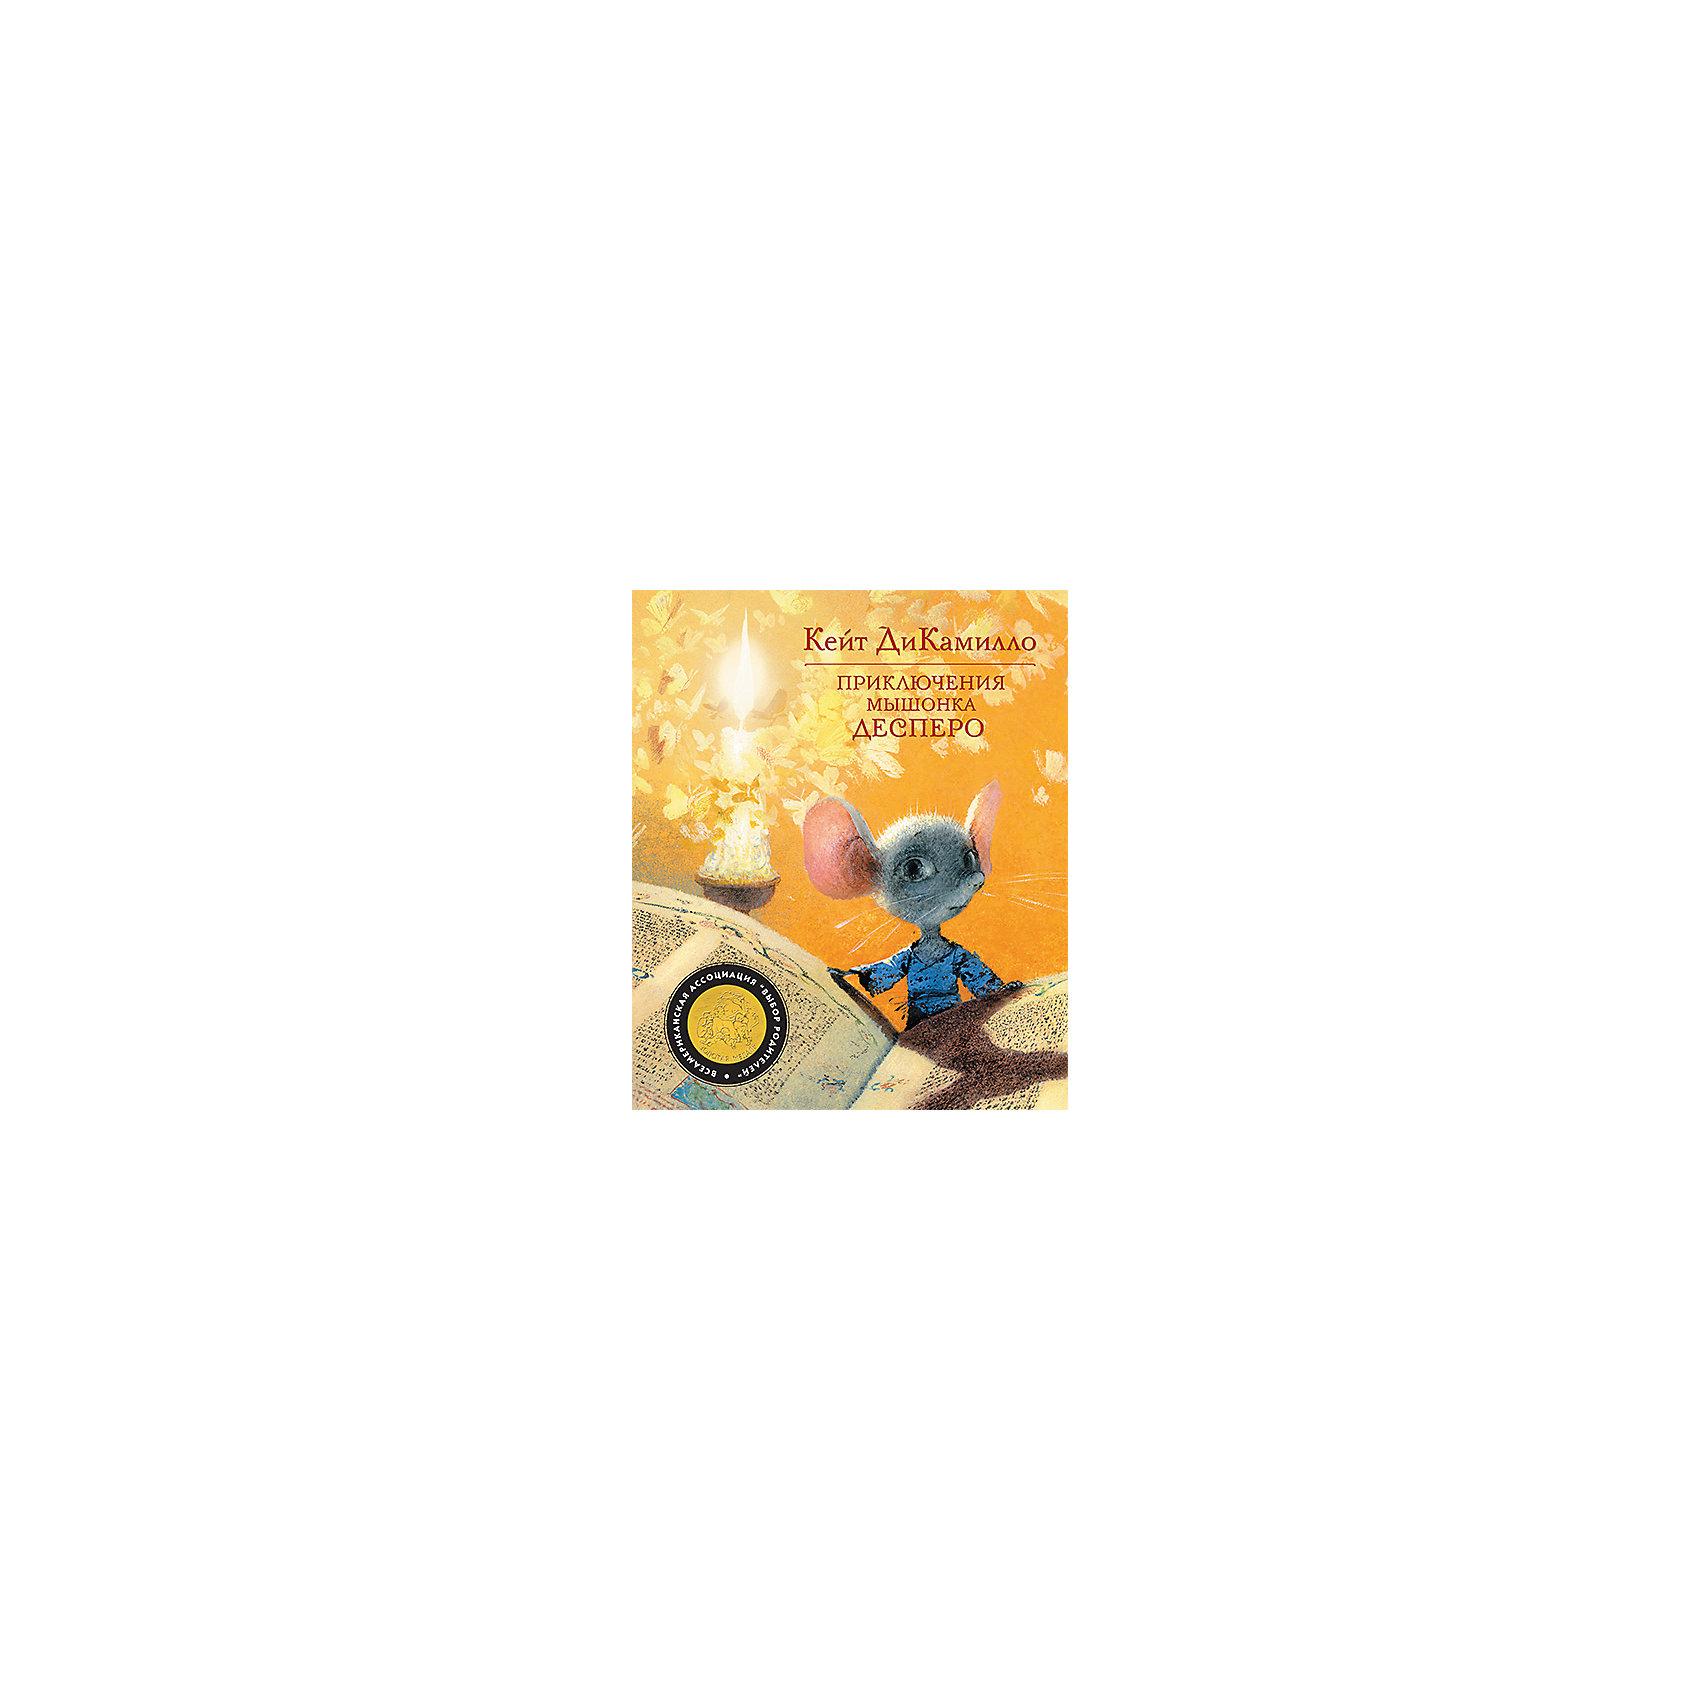 Приключения мышонка Десперо, Кейт ДиКамиллоПриключения мышонка Десперо, Махаон - увлекательная книга Кейт Ди Камило станет замечательным пополнением Вашей детской домашней библиотеки. В мышином семействе, обитающем в старинном королевском замке, родился мышонок по имени Десперо. В отличие от своих сородичей он обладал храбрым и благородным сердцем, а еще любил читать и слушать музыку. Однажды он увидел принцессу Горошинку и влюбился  в нее. А когда коварные крысы хитростью заманили принцессу в мрачное подземелье, Десперо, словно рыцарь в сияющих доспехах, спас ее от верной гибели. Красочные, оригинальные иллюстрации и великолепный перевод сделали эту книгу незабываемой для маленьких читателей.<br><br>Дополнительная информация:<br><br>- Автор: Кейт Ди Камило.<br>- Серия: ДиКамилло. <br>- Переплет: твердая обложка. <br>- Иллюстрации: цветные.<br>- Объем: 208 стр.<br>- Размер: 19,5 x 23,5 см.<br>- Вес: 0,65 кг.<br><br>Книгу Приключения мышонка Десперо, Махаон, можно купить в нашем интернет-магазине.<br><br>Ширина мм: 235<br>Глубина мм: 195<br>Высота мм: 12<br>Вес г: 650<br>Возраст от месяцев: 84<br>Возраст до месяцев: 120<br>Пол: Унисекс<br>Возраст: Детский<br>SKU: 3922123